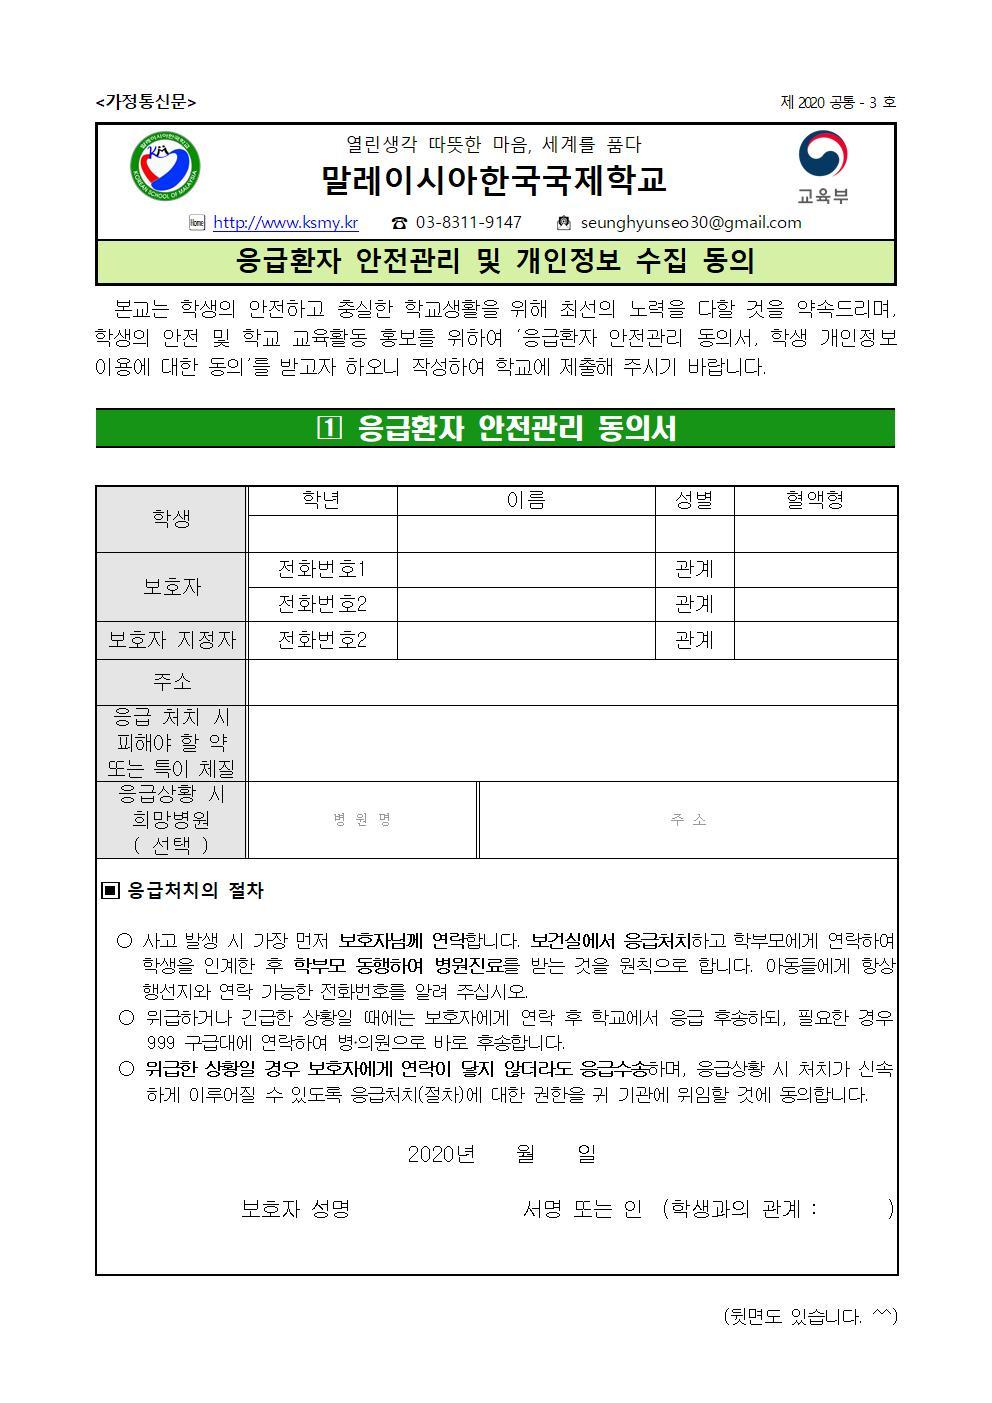 가통)20-공통-3 응급및개인정보동의서001.jpg